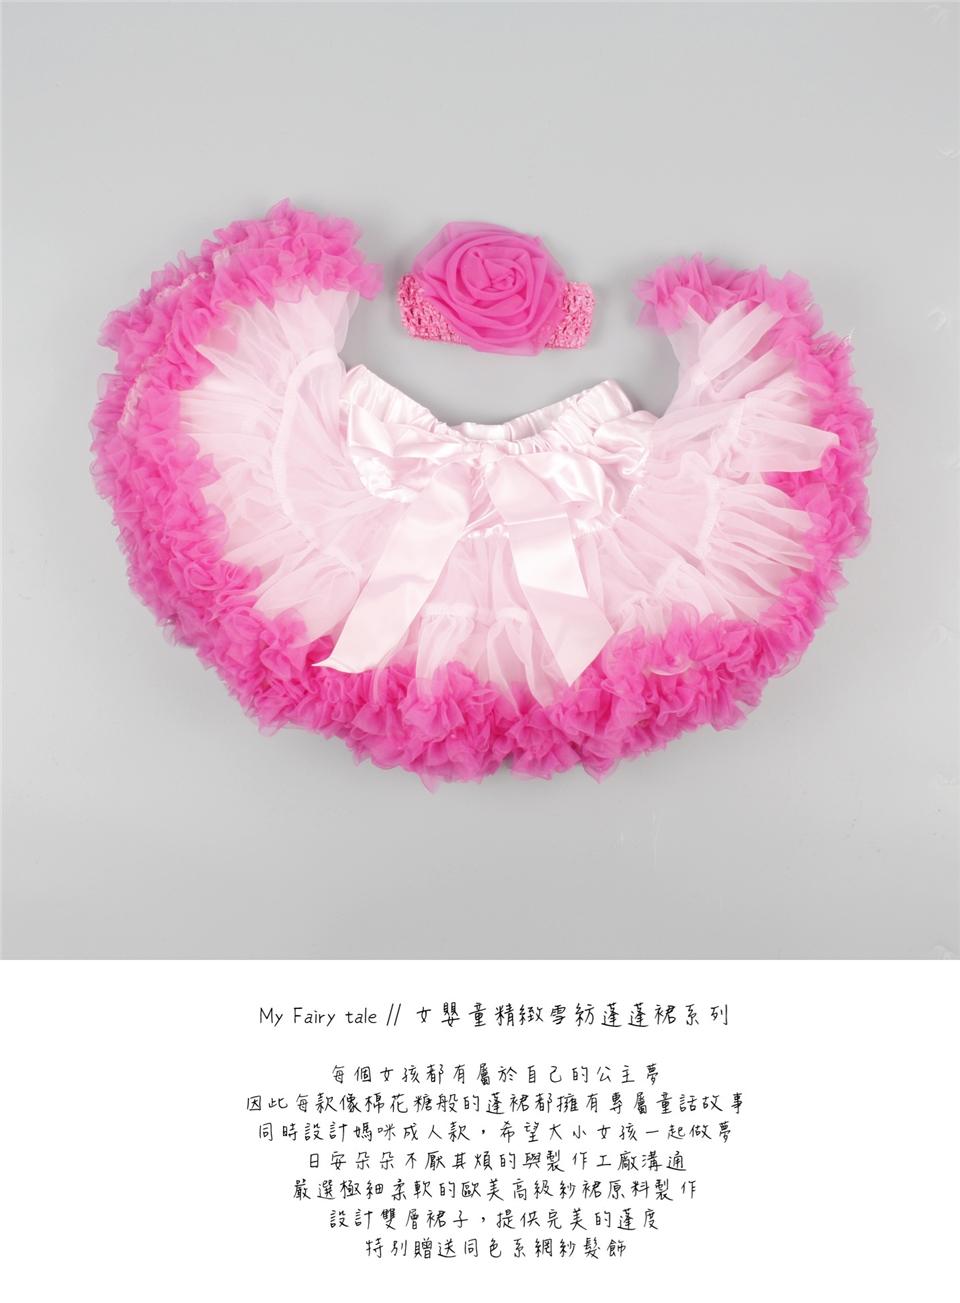 日安朵朵 女嬰童蓬蓬裙夢幻禮盒 - 櫻花 4-6歲(100cm)